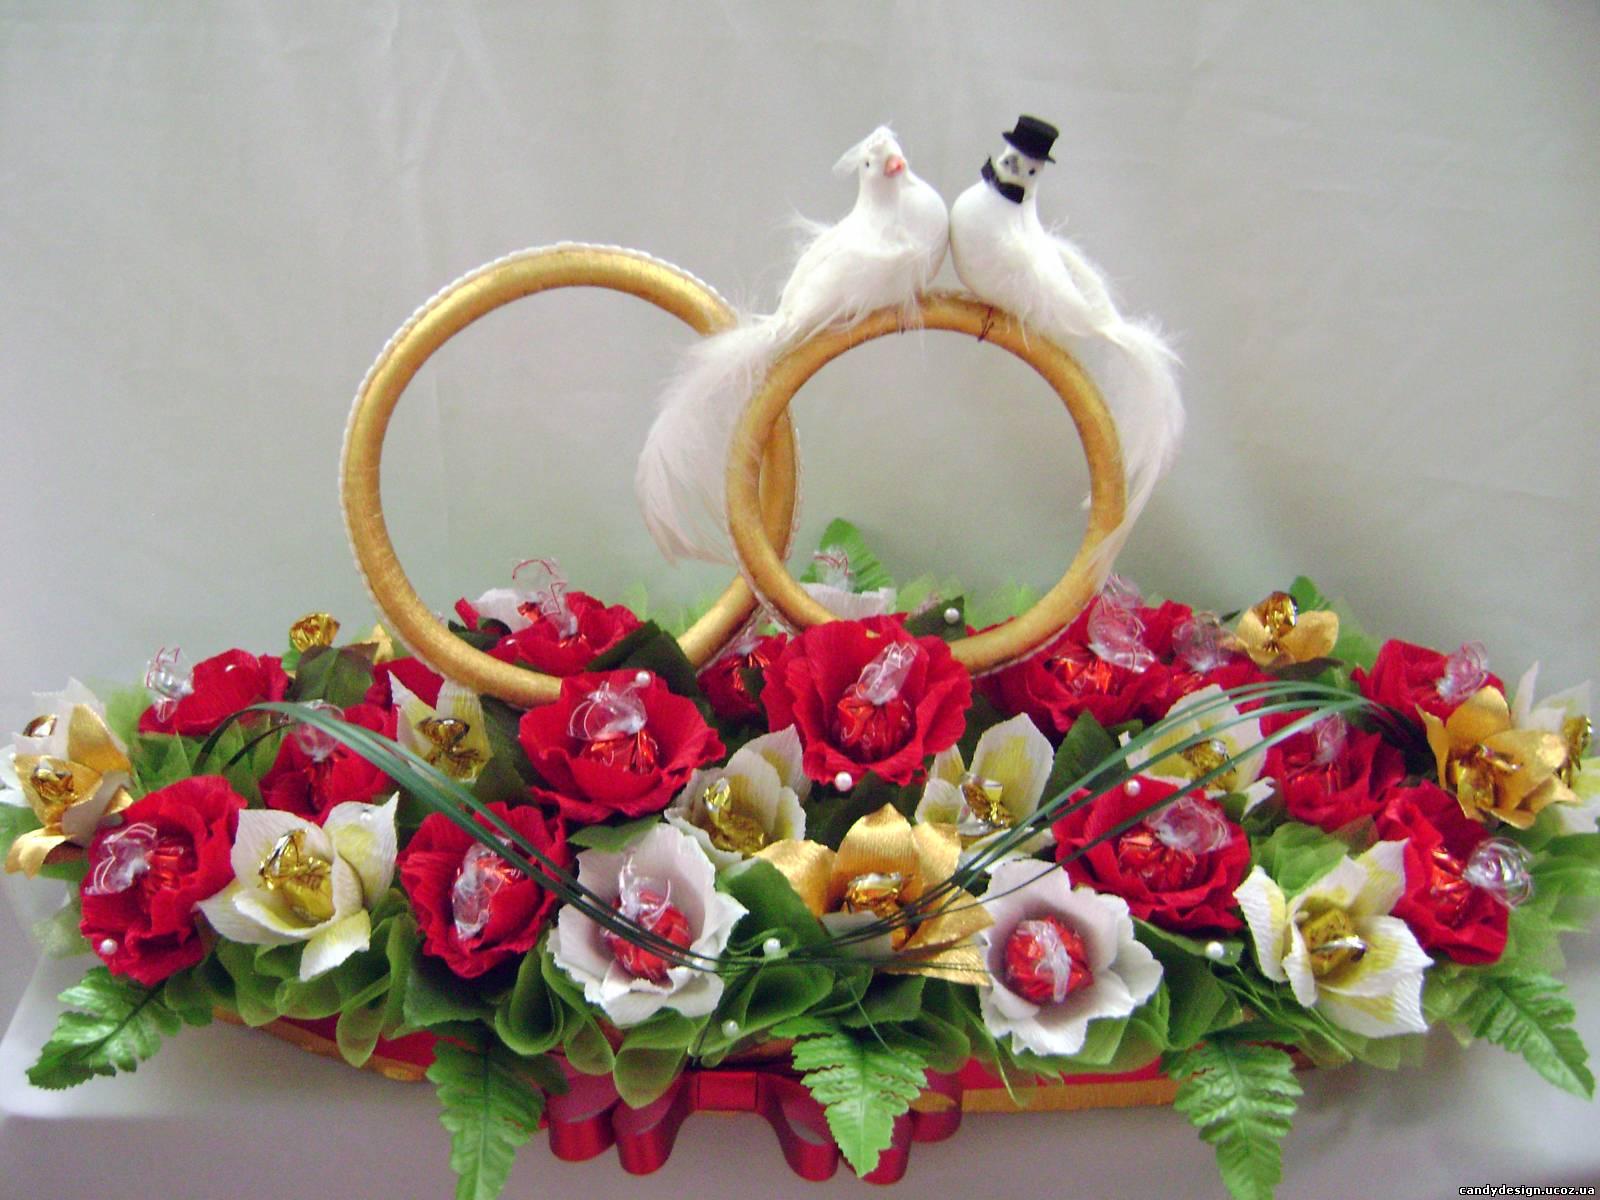 Подарки из конфет на свадьбу своими руками фото